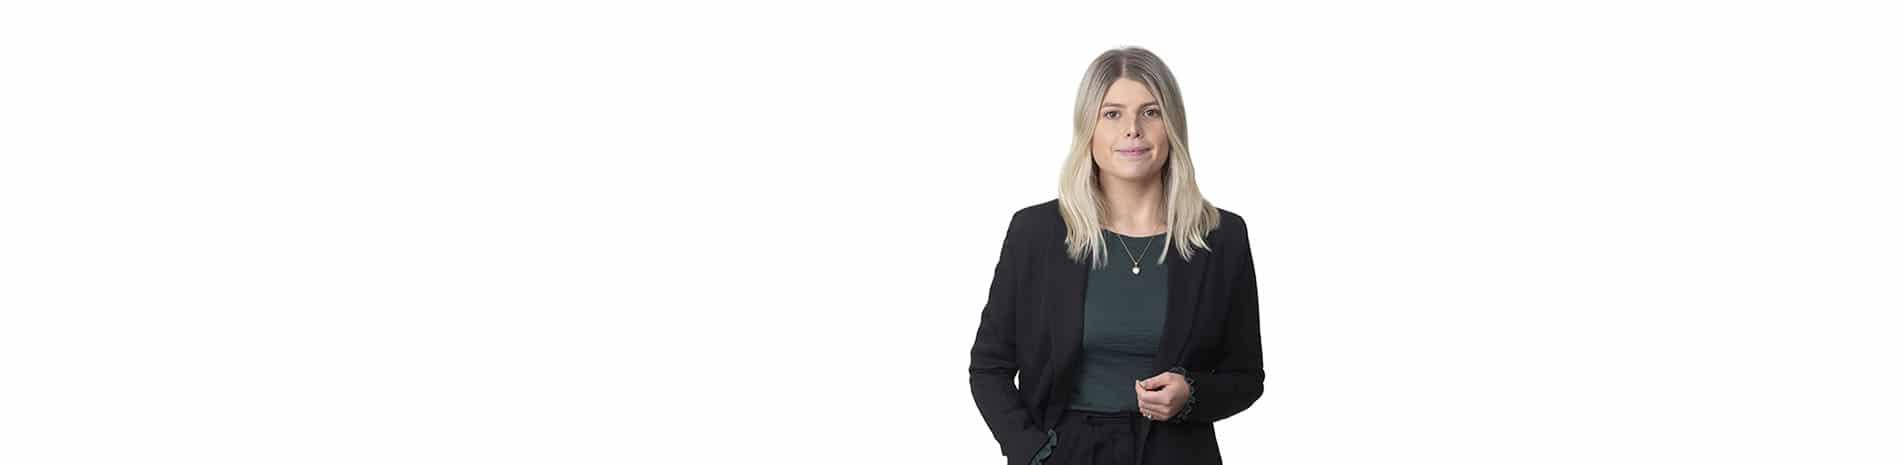 Zoe Gough Traffic Lawyer Melbourne